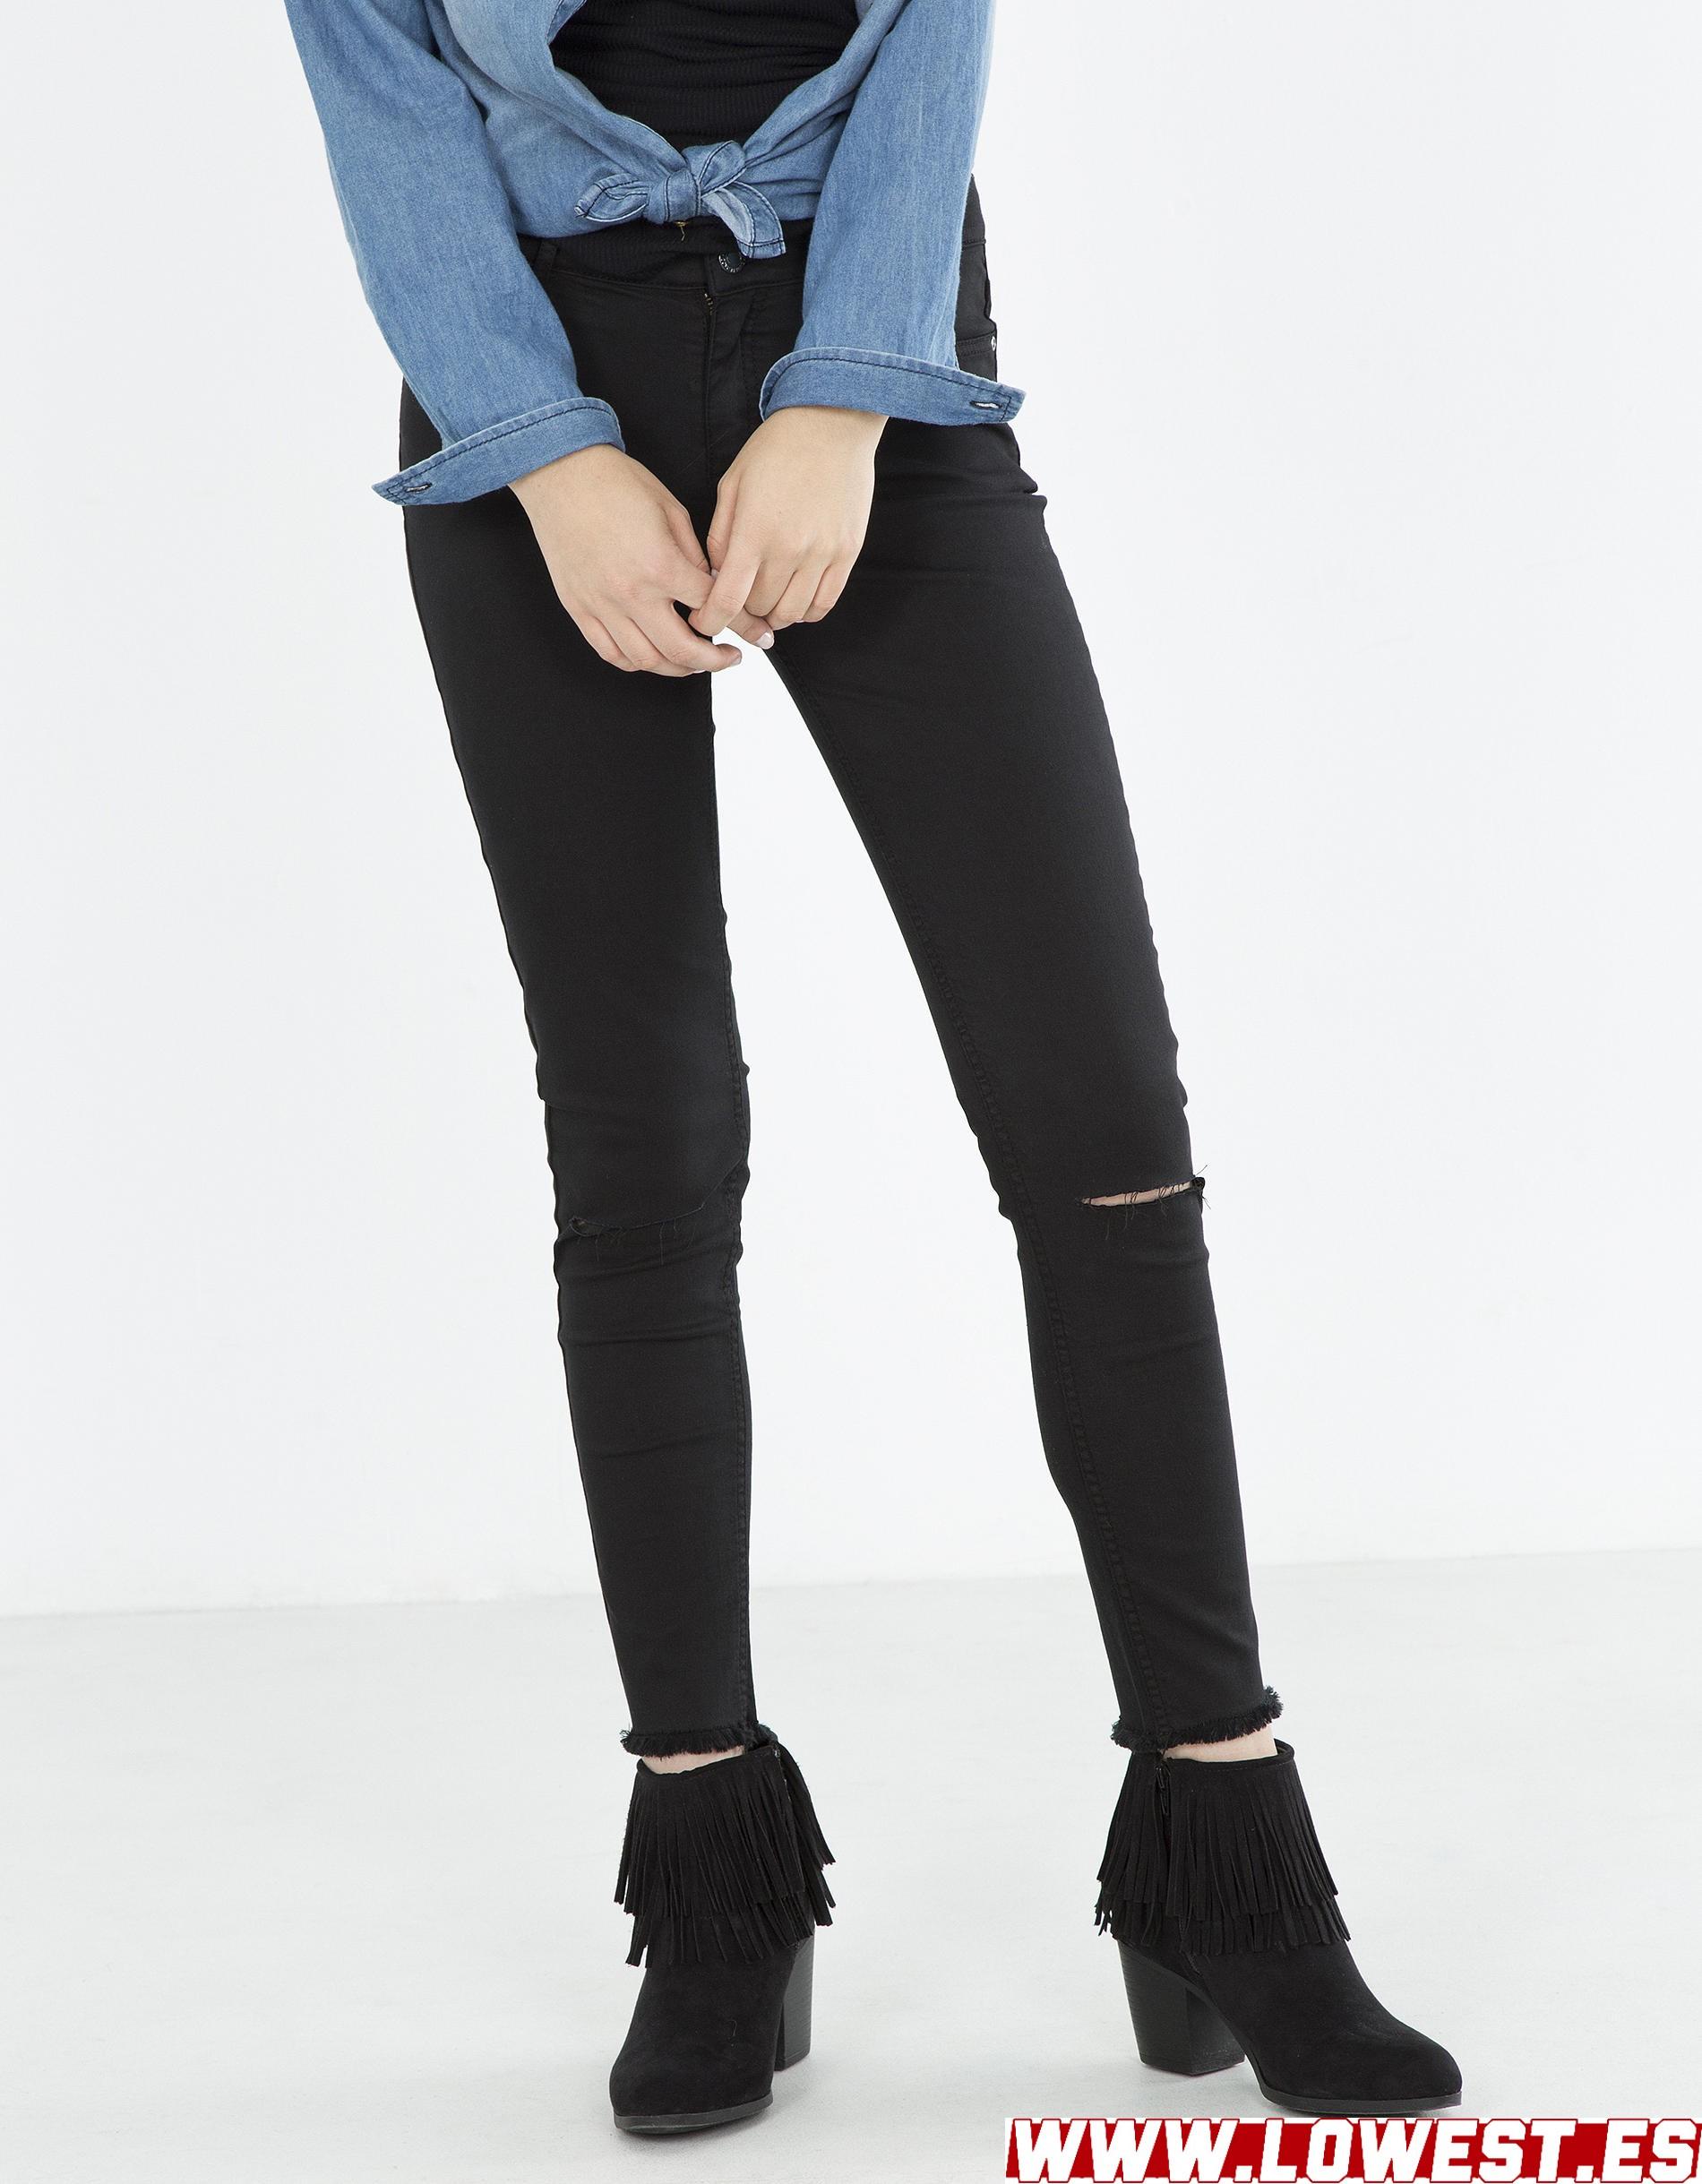 rebajas moda mujer levis high waist 2019 2020